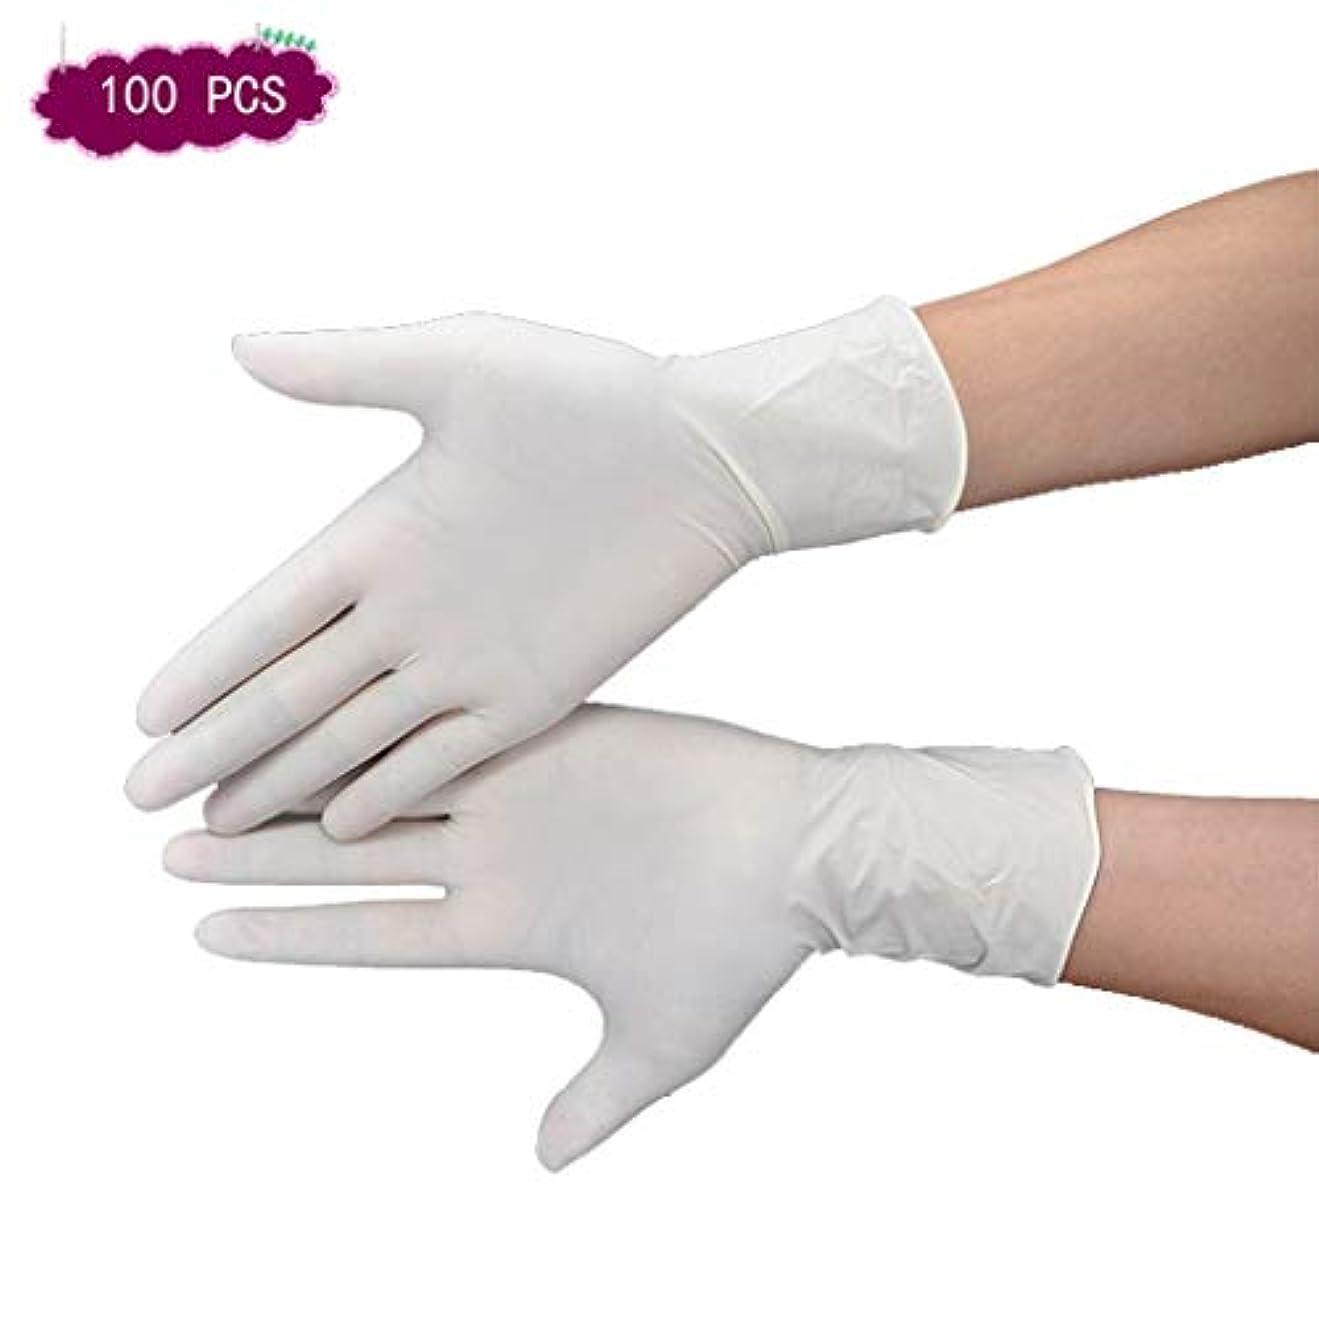 熟す退化する不十分使い捨てラテックス手袋ニトリル9 InchProtectiveパウダーフリー9インチラテックス手袋工業用洗濯長い手袋はありませんパウダー (Color : 9 inch, Size : S)